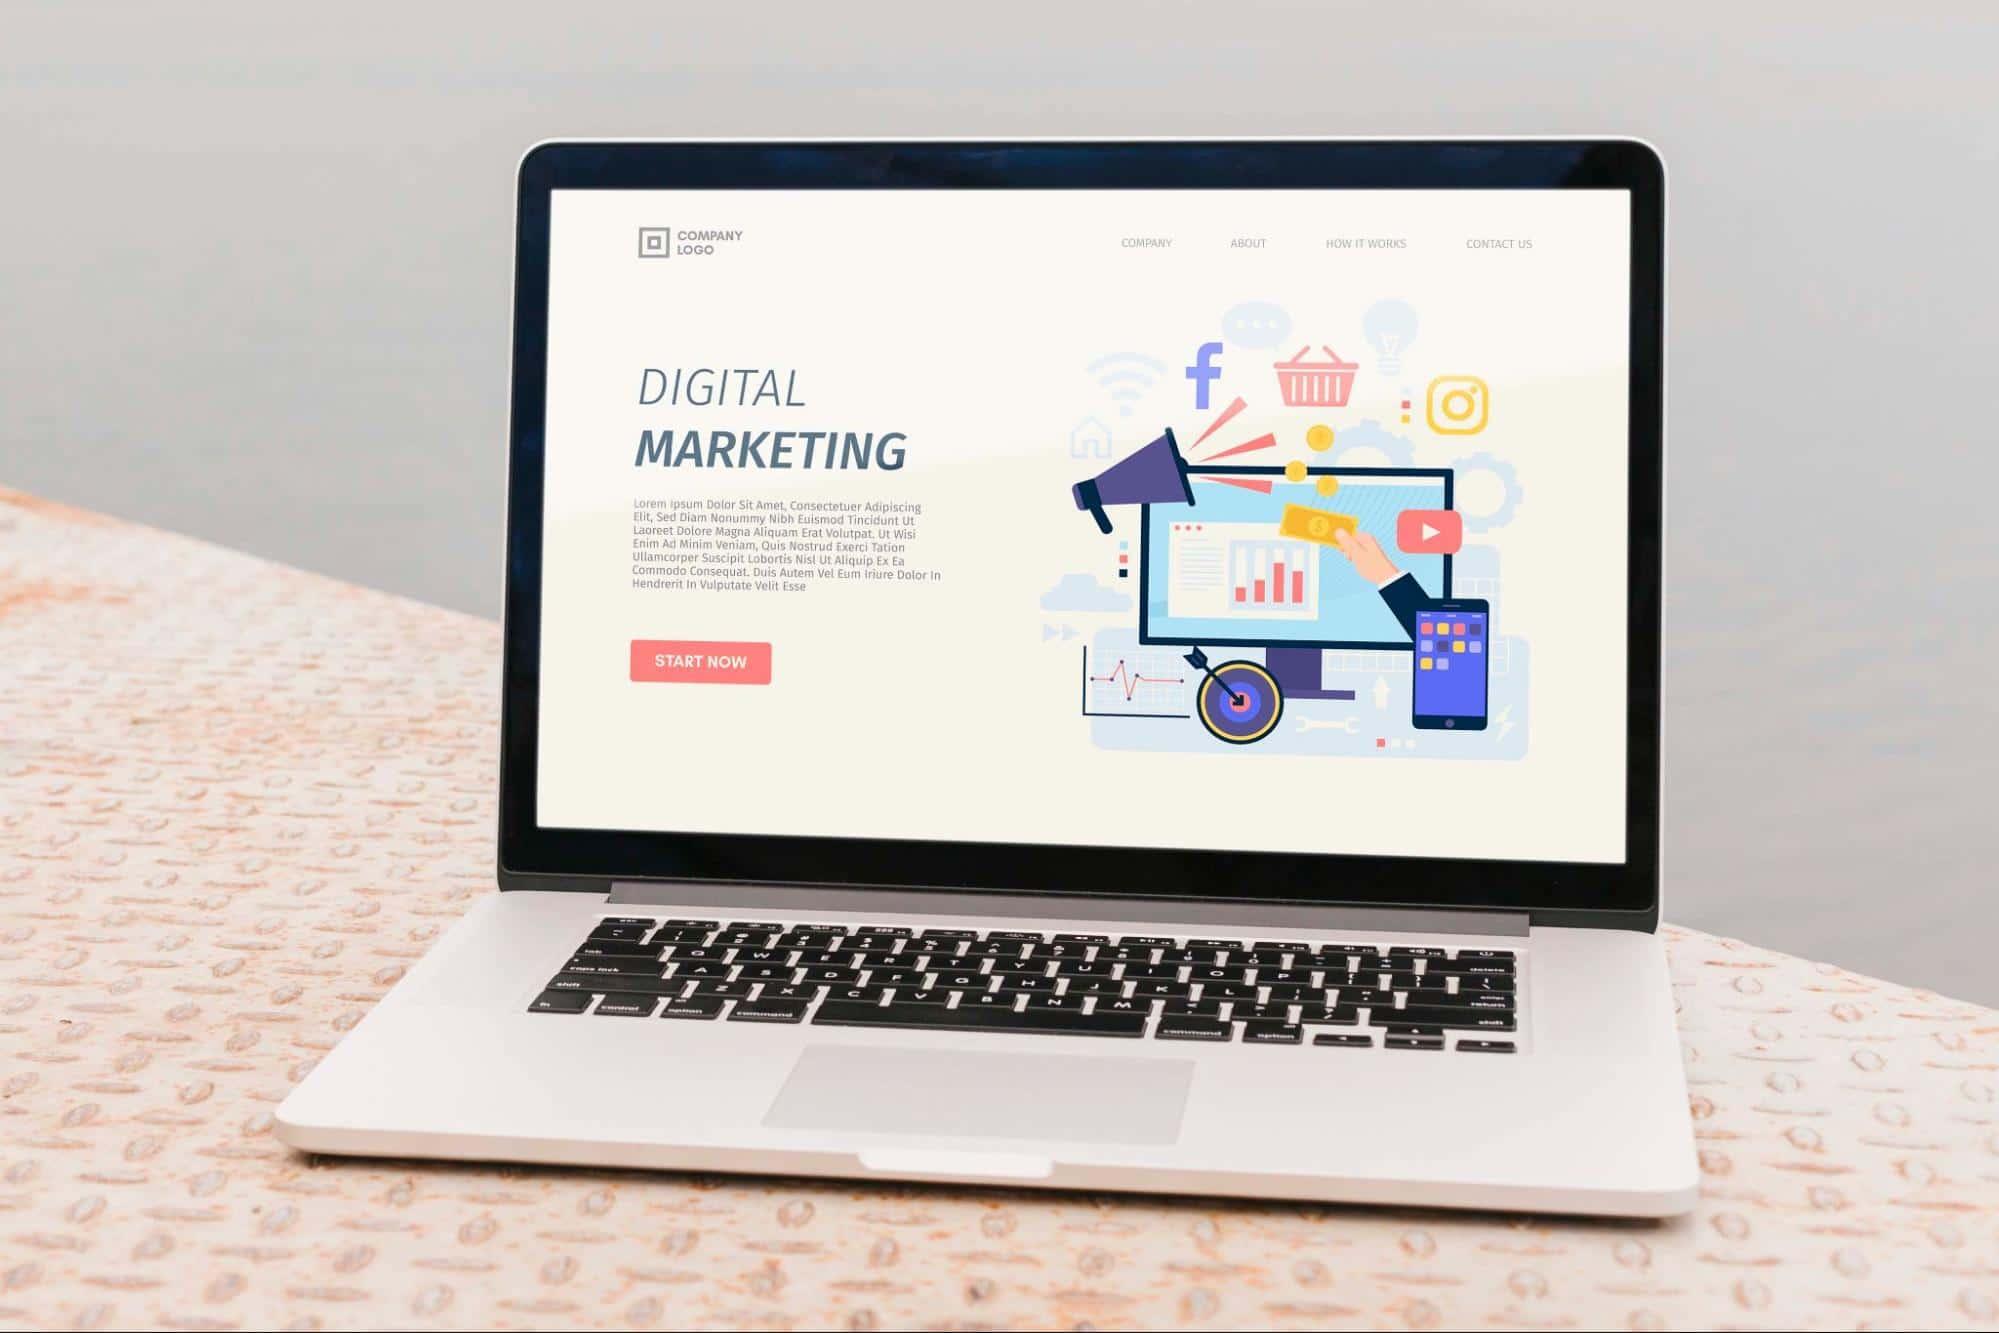 réaliser une étude marketing